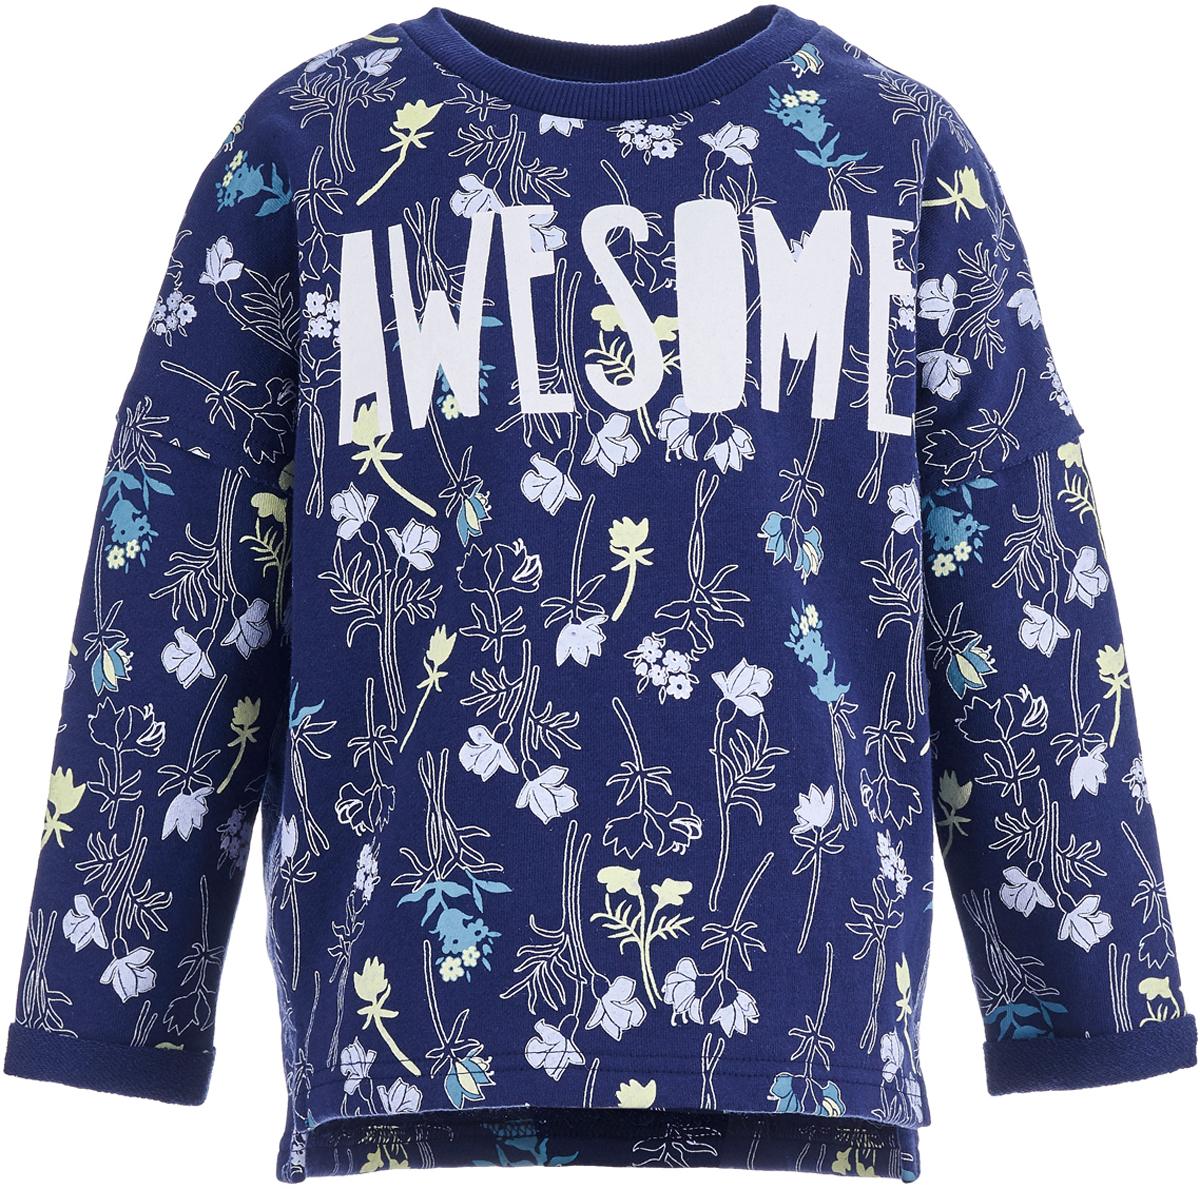 Свитшот для девочки Button Blue, цвет: темно-синий. 118BBGC16051014. Размер 116118BBGC16051014Яркий детский свитшот - идеальная весенняя одежда для девочки. Модель с длинными рукавами декорирована надписью, сделанной стильным шрифтом. Она может украсить любой образ и добавить ребенку позитива в самый прохладный день! Чтобы порадовать девочку, ей можно купить детский свитшот, отличающийся модным дизайном и удобным кроем.